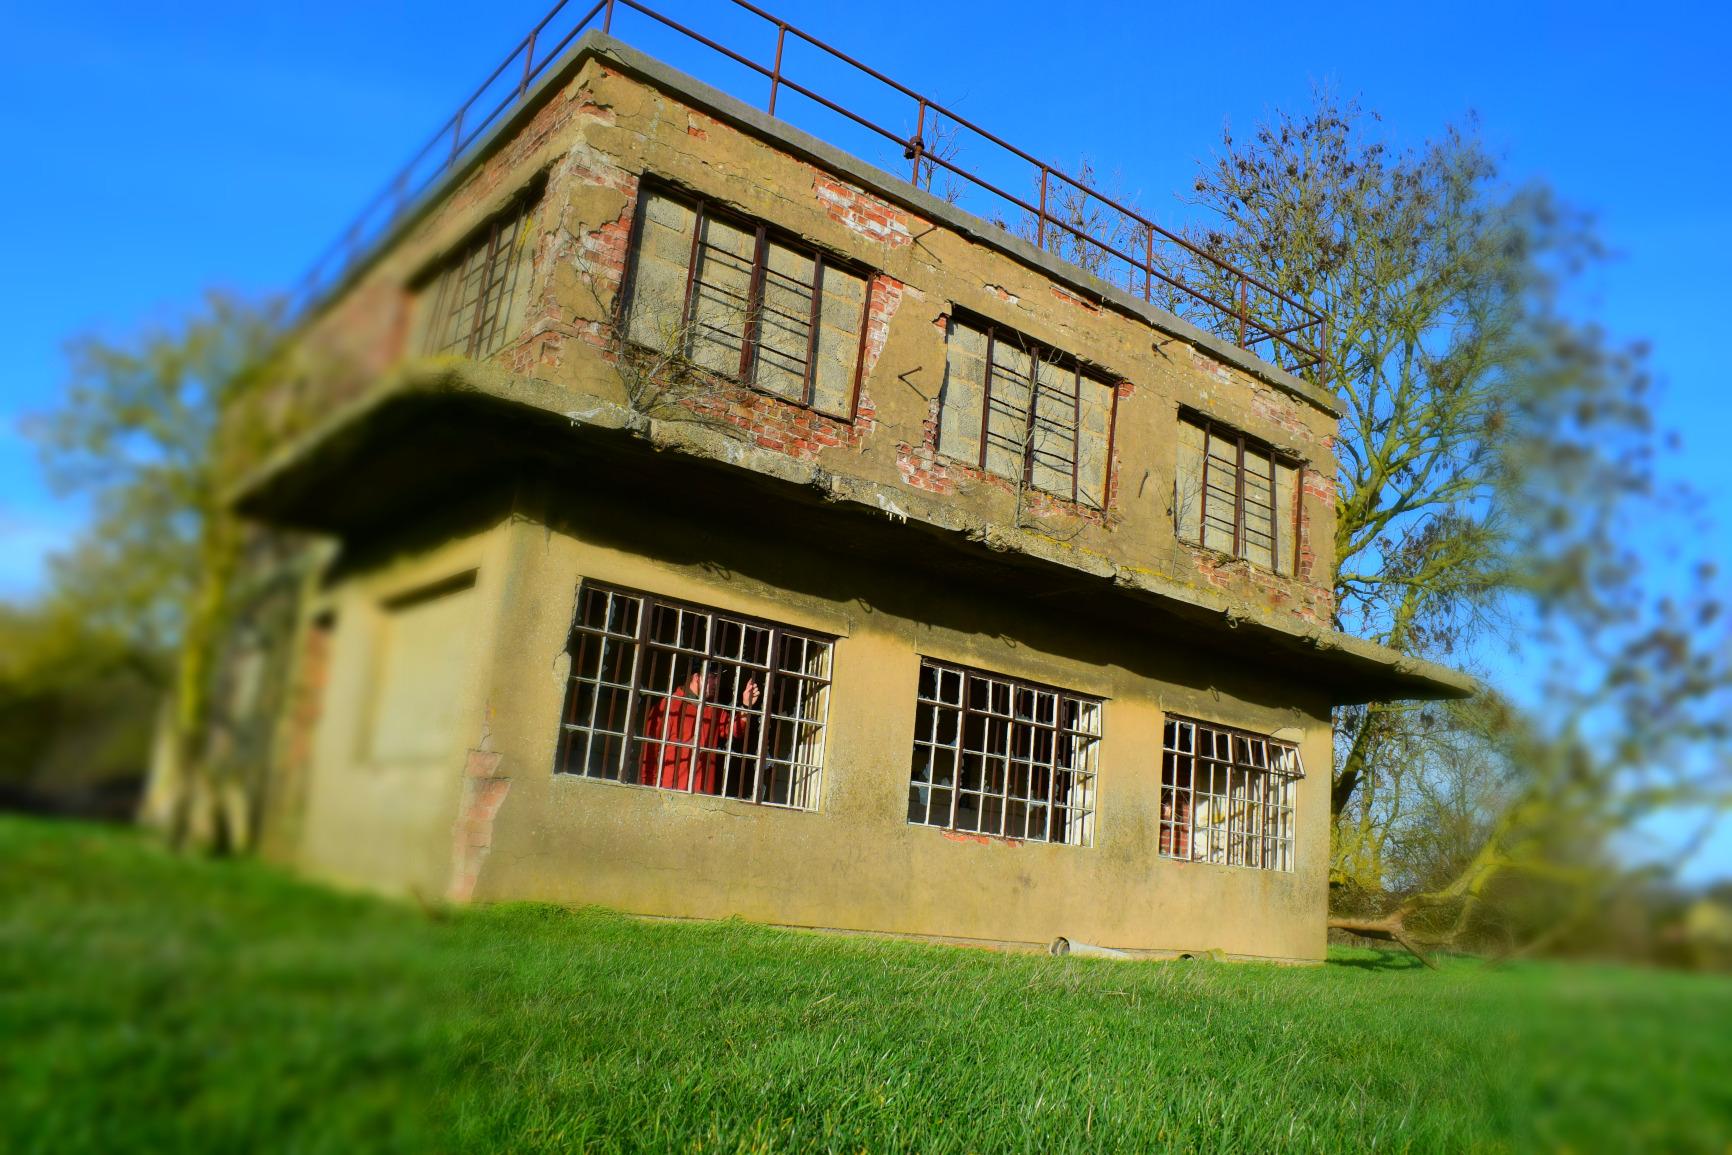 RAF Woolfox Lodge control tower, South Aspect, Greetham, Rutland